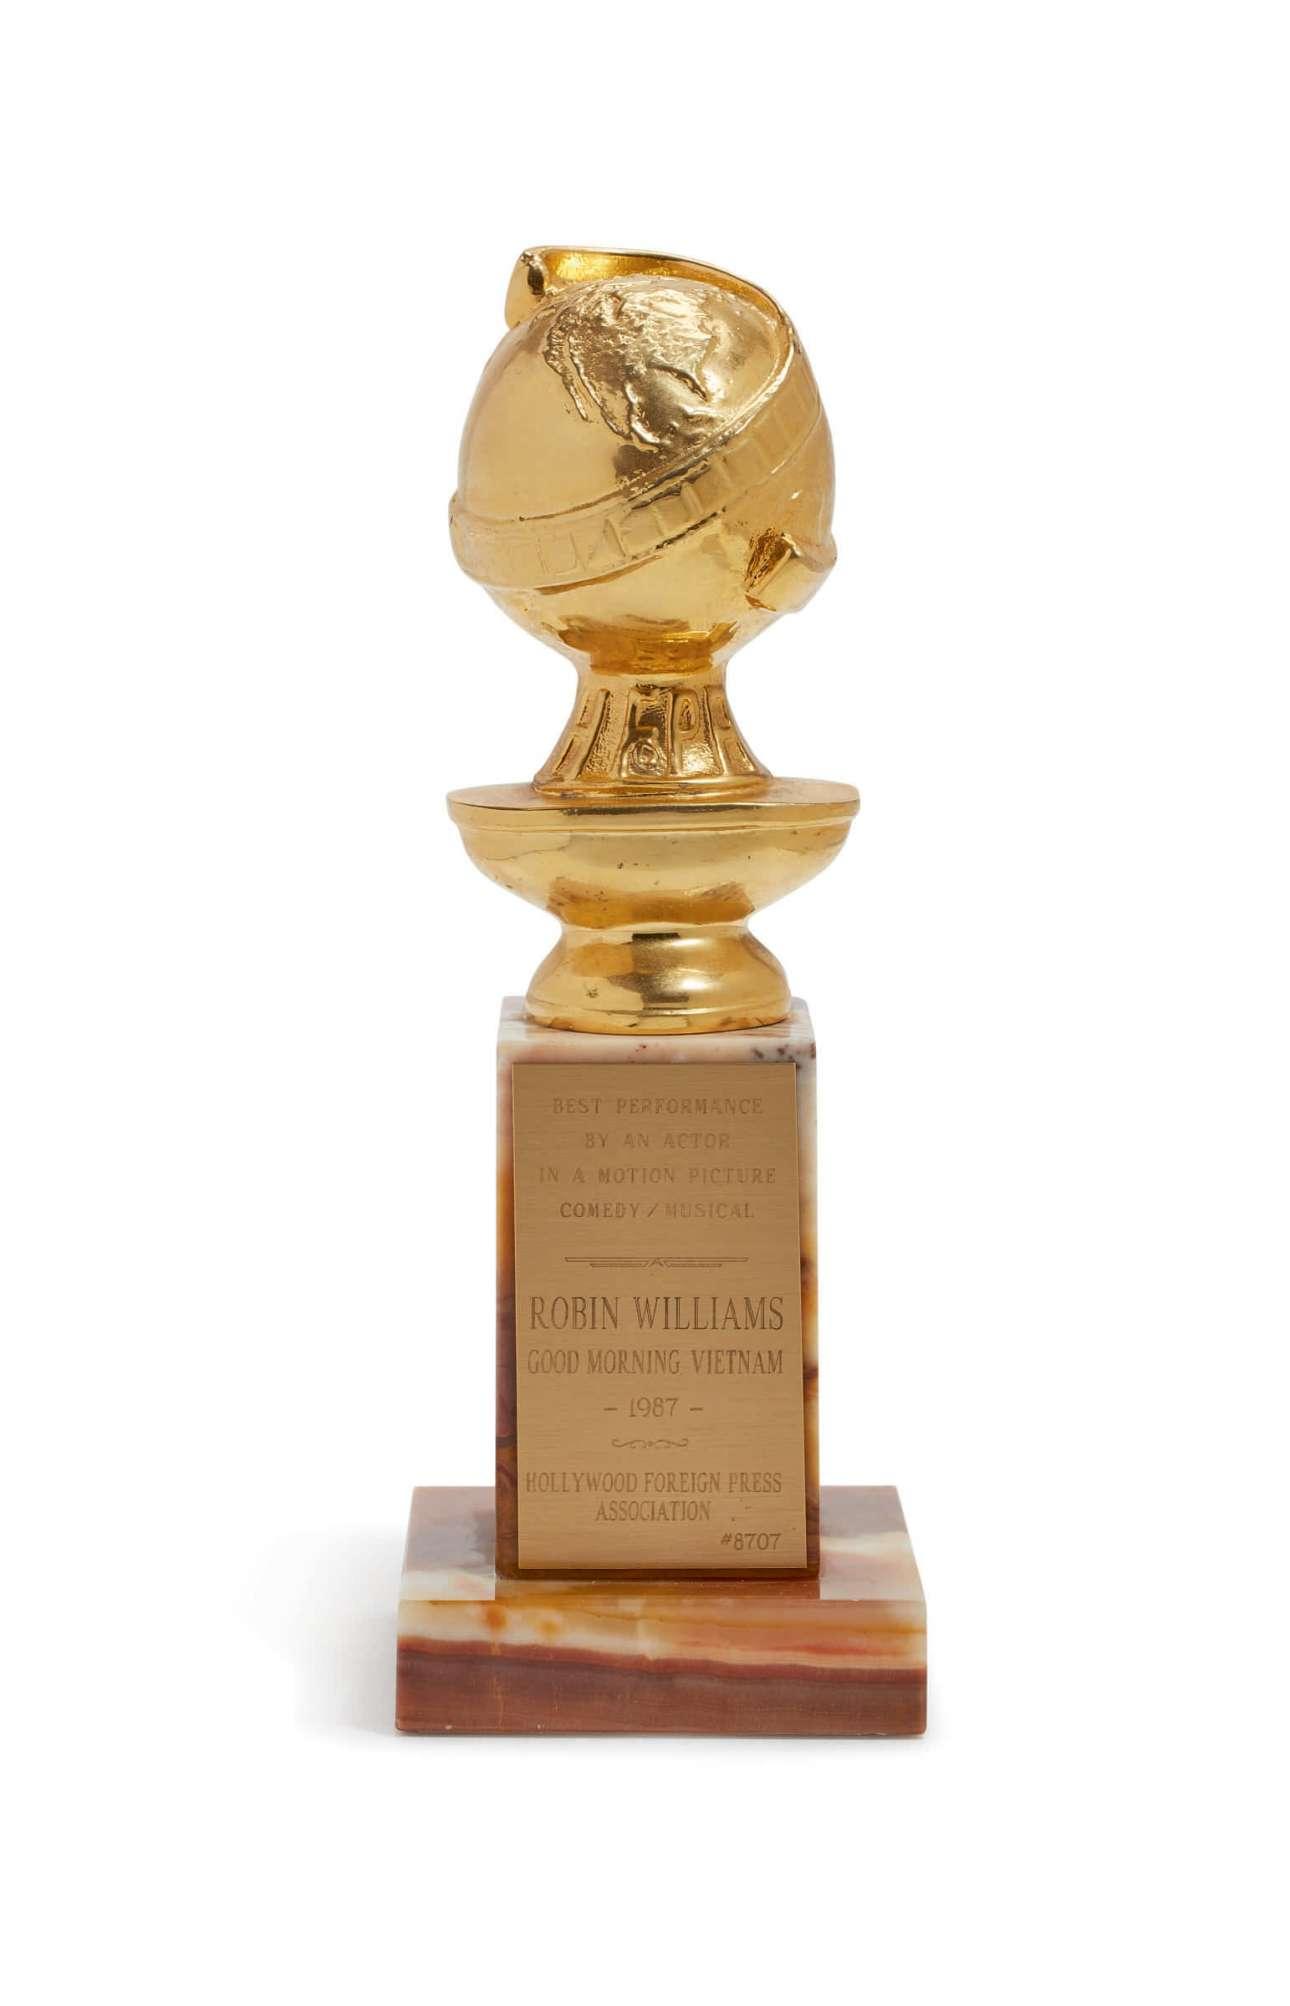 Η Χρυσή Σφαίρα που κέρδισε για την ερμηνεία του στη θρυλική ταινία «Καλημέρα Βιετνάμ», το 1988